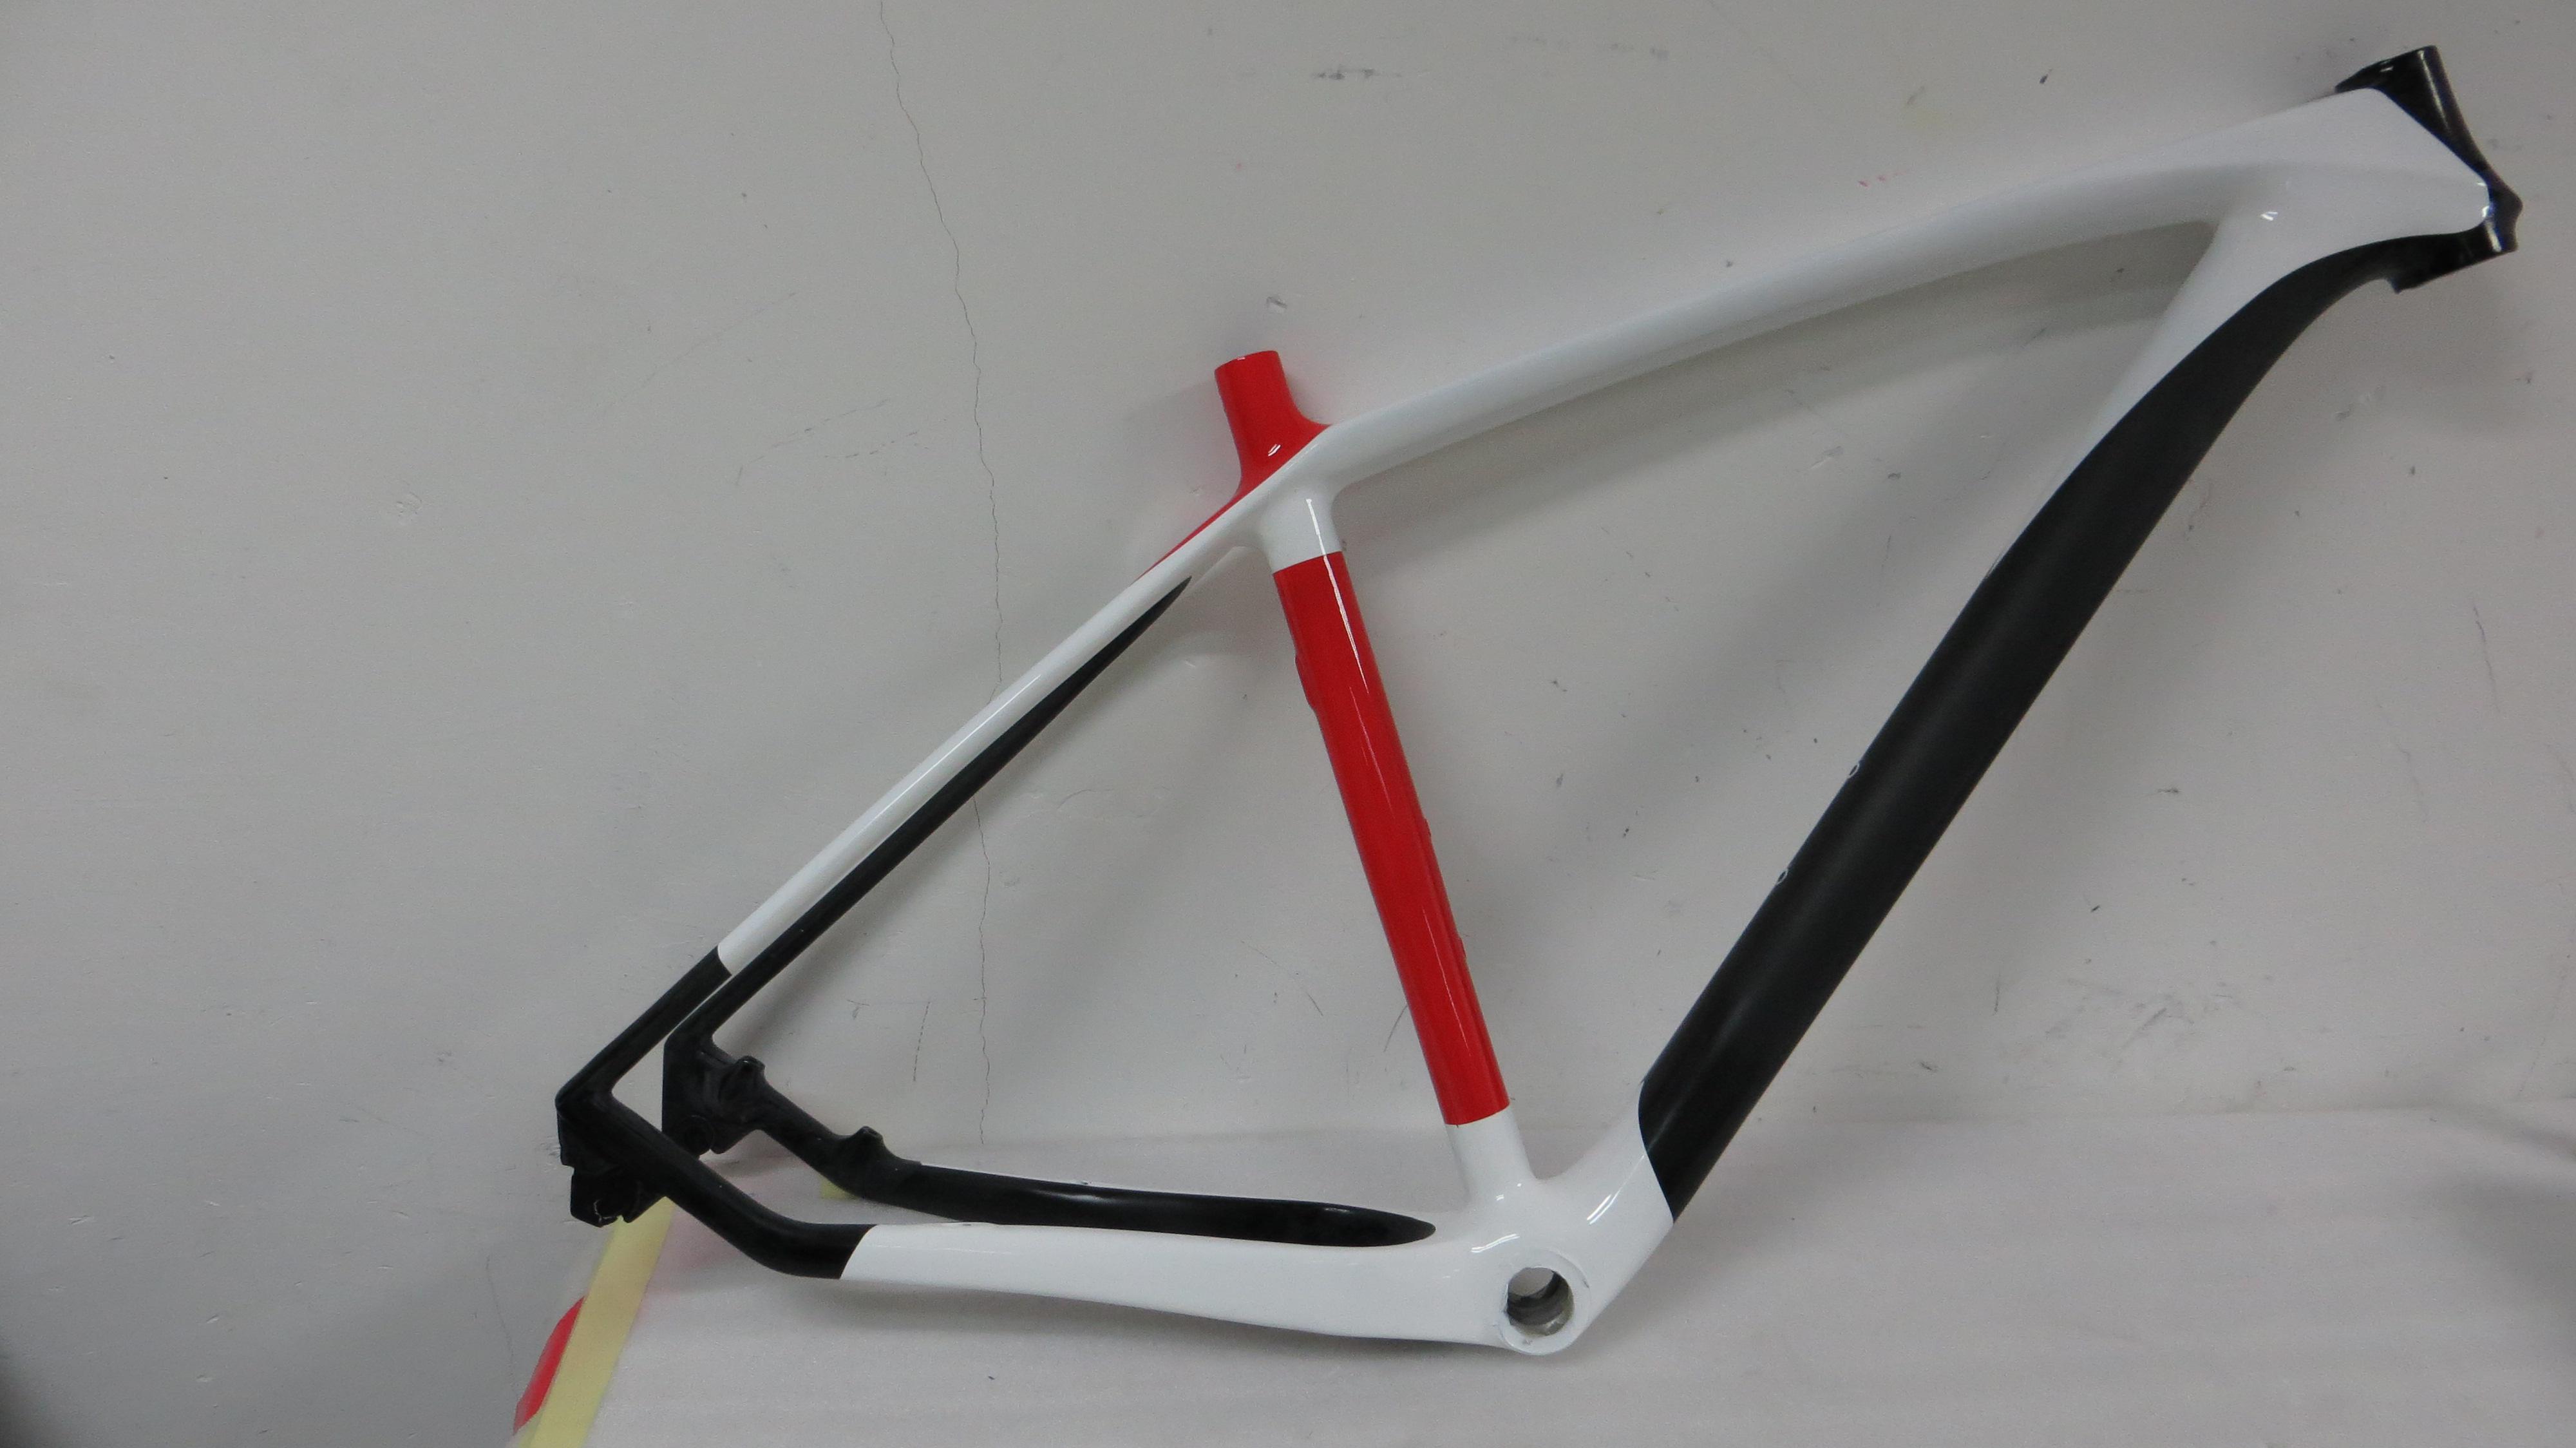 29er mountain bike carbon fiber frames 29er mtb carbon frameheadsetsclamp mtb carbon frame mountain bike frame carbon frame 29er online with 53719set - Mtb Frames